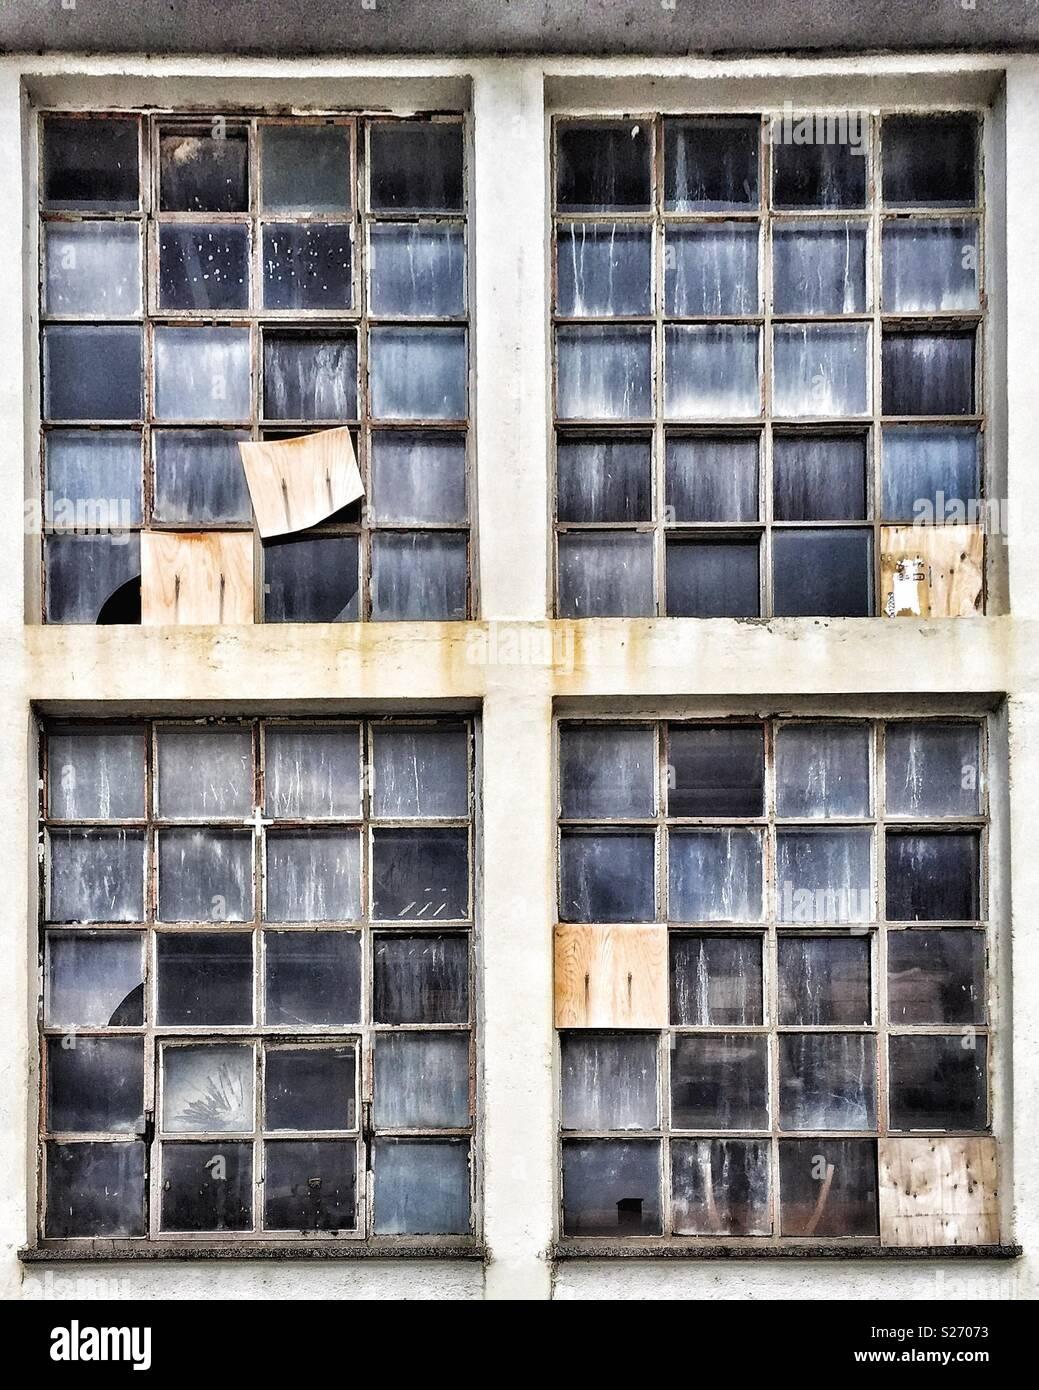 Ventanas rotas en un edificio abandonado Imagen De Stock